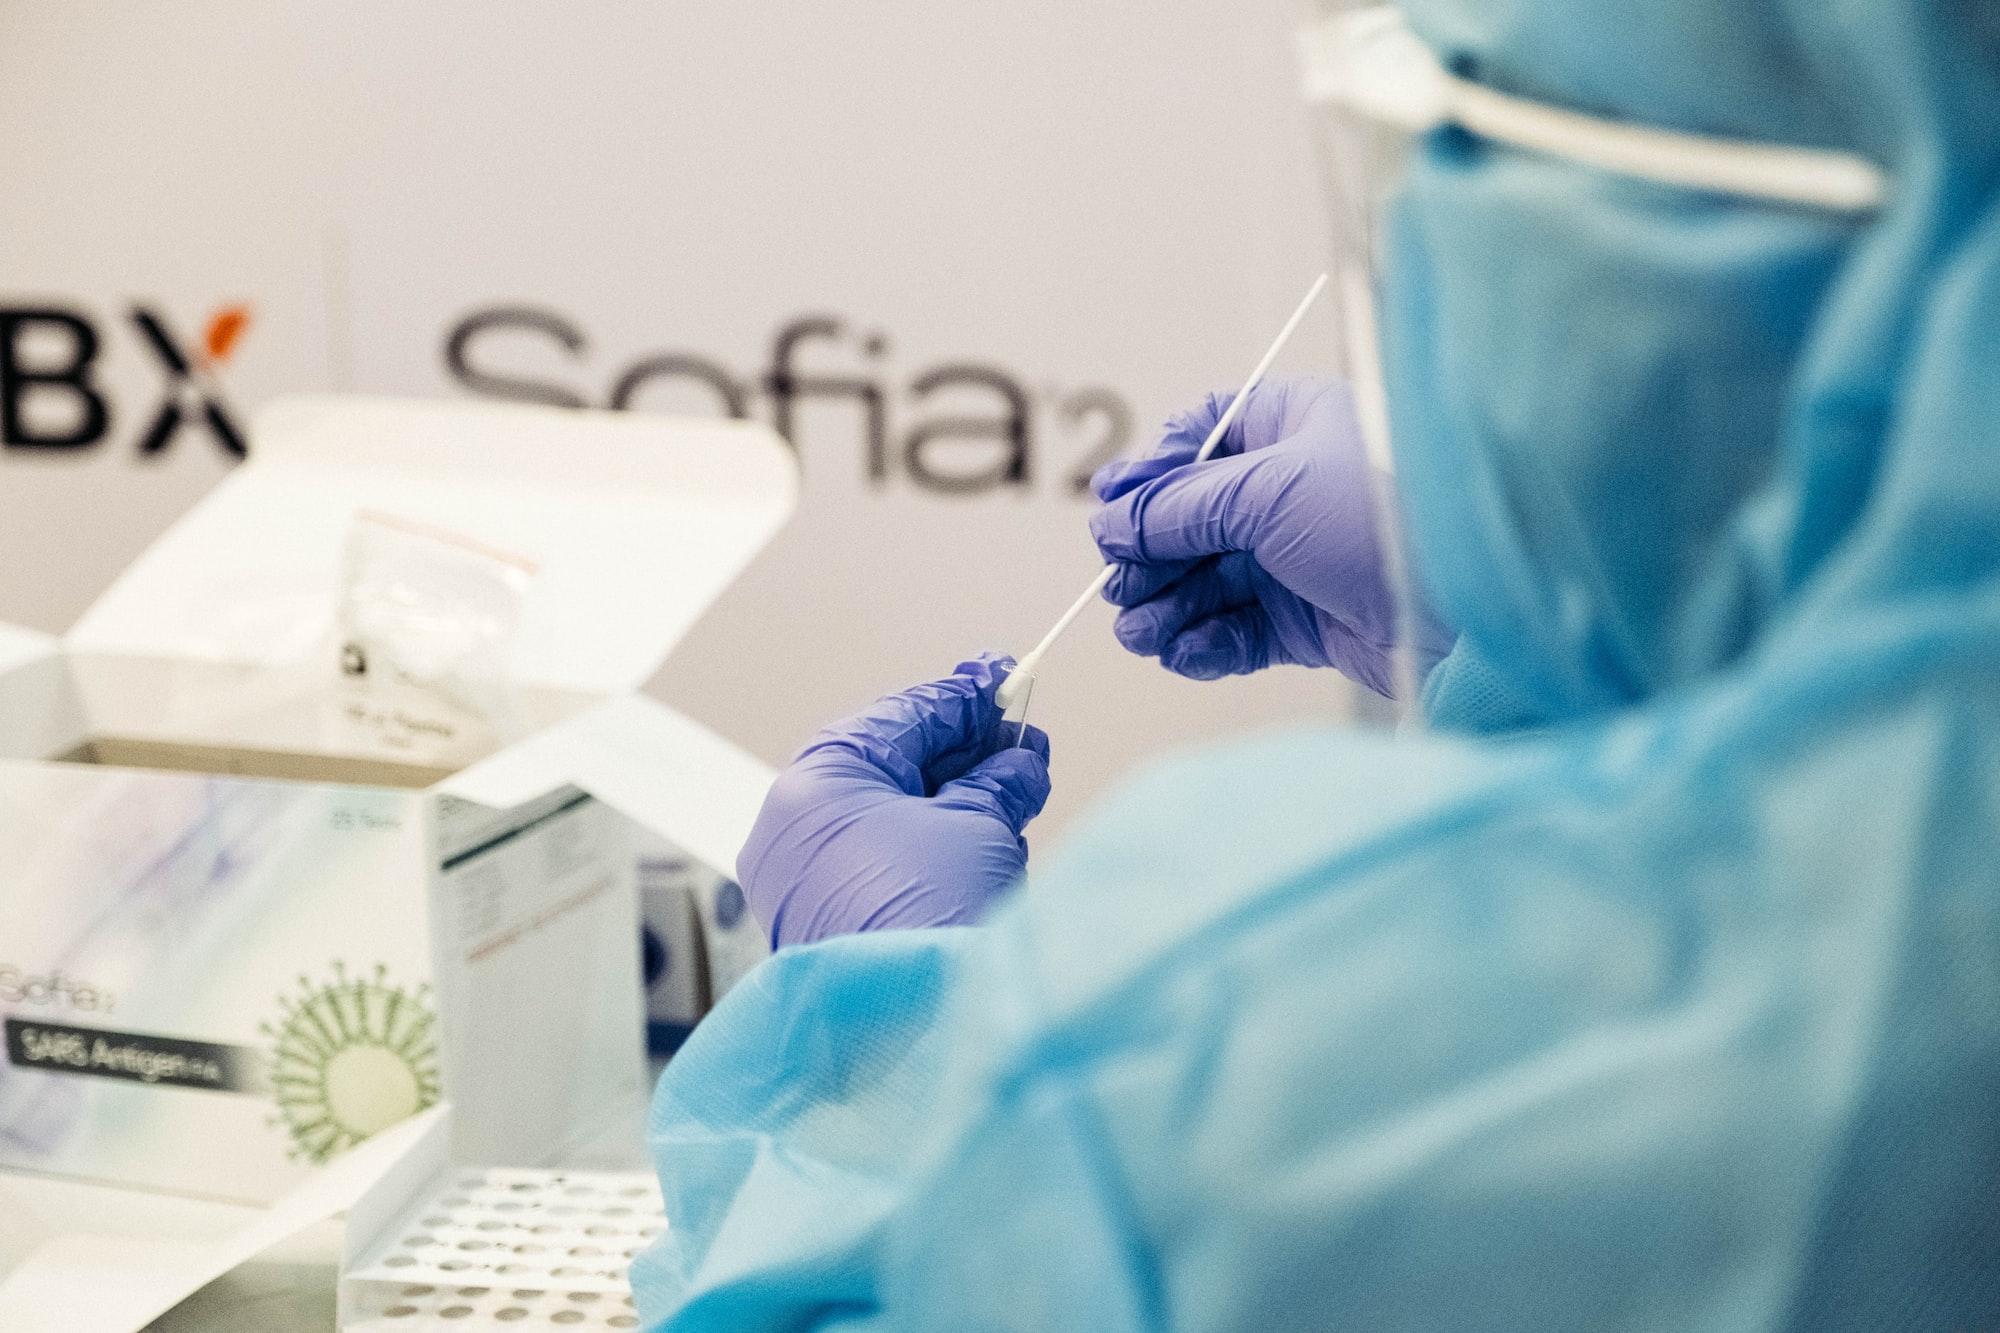 Koronawirus Małopolska [3 kwietnia]: Szczegółowe dane - zakażenia, zgony